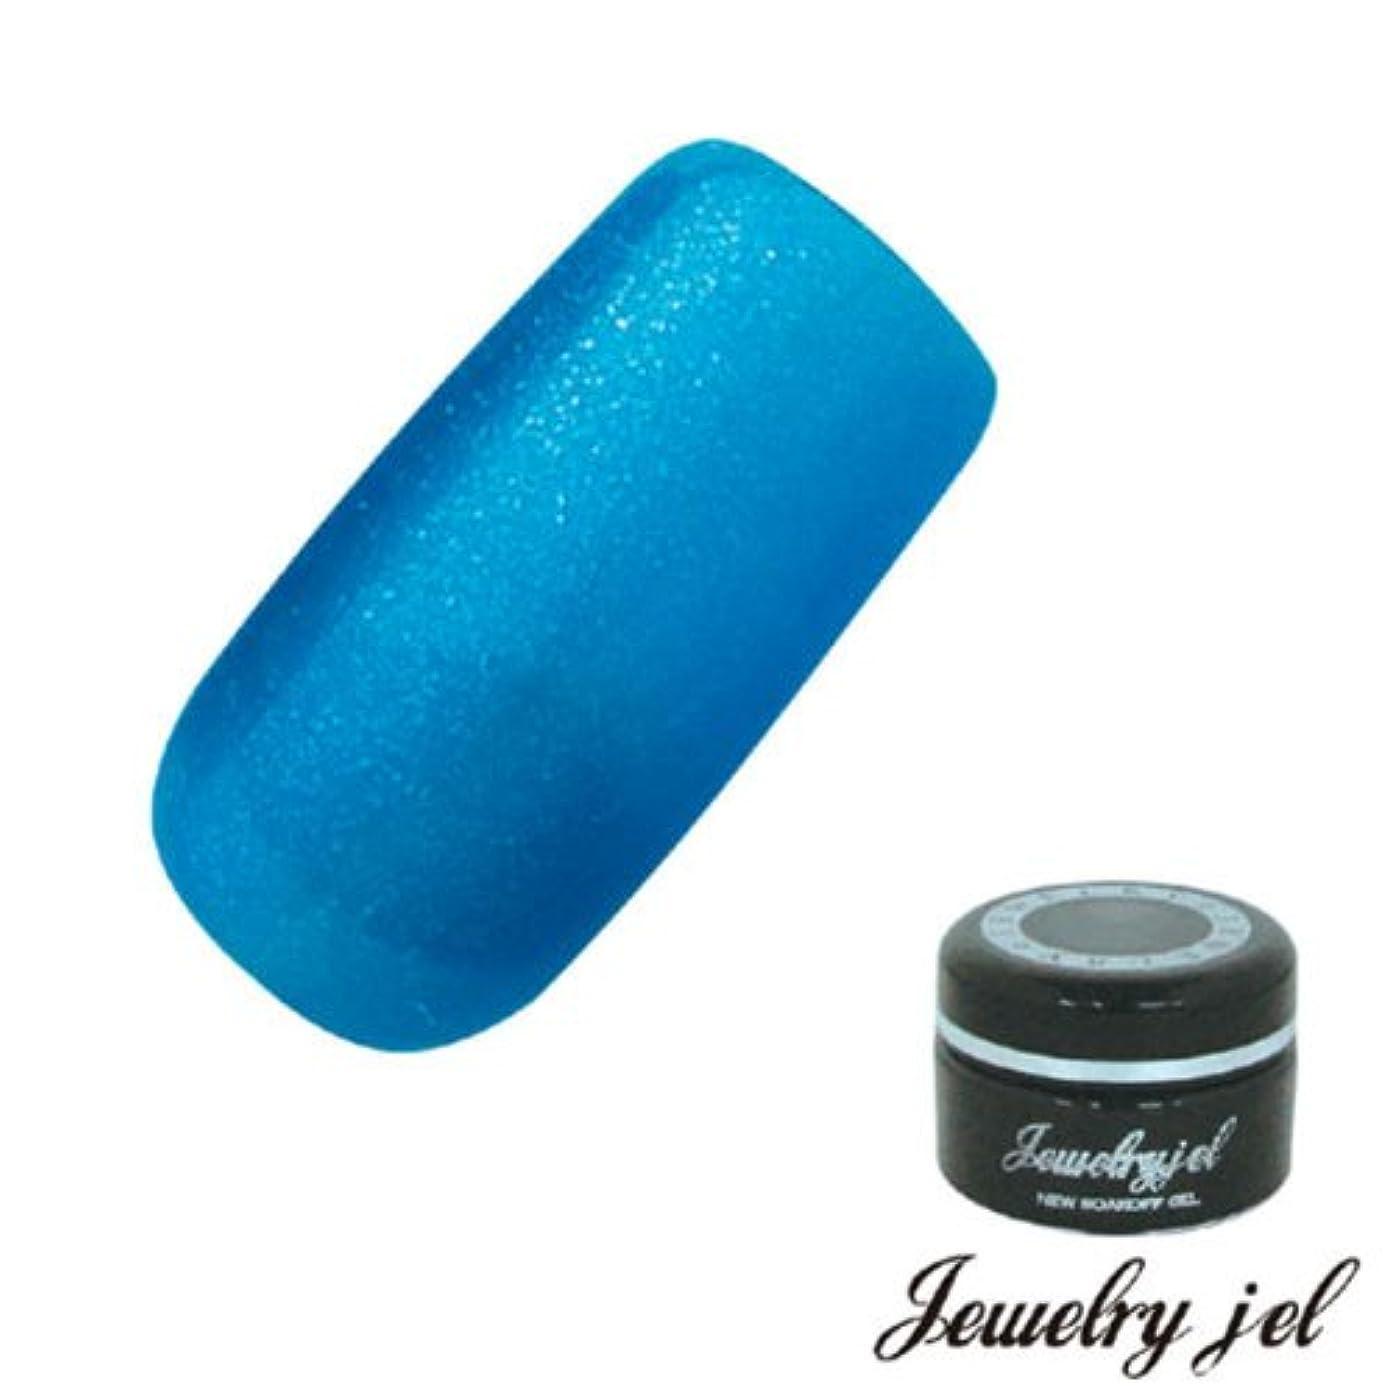 数学愛国的な寝室を掃除するジュエリージェル ジェルネイル ジュエリージェル カラージェル SB204 3.5g ブルー パール入り UV/LED対応  ソークオフジェル コバルトブルー